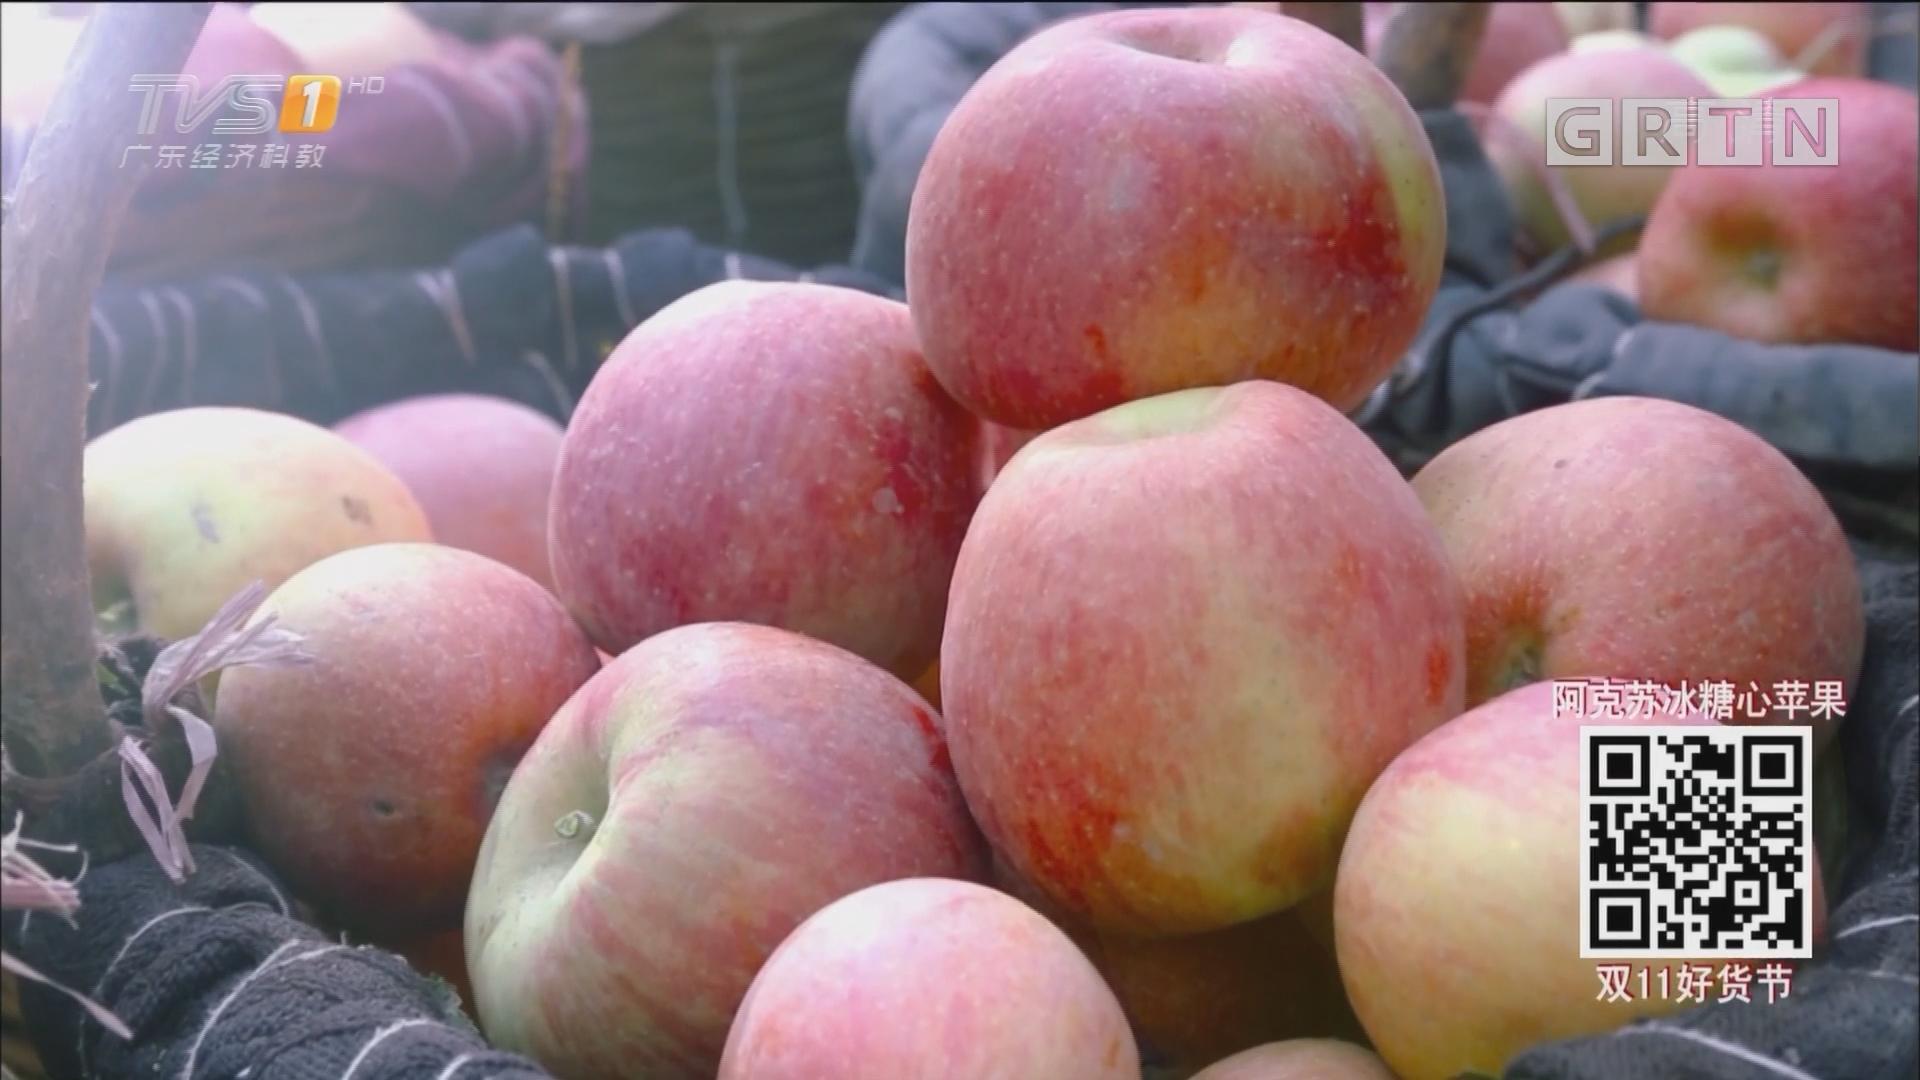 不是每一种苹果都叫阿克苏冰糖心苹果